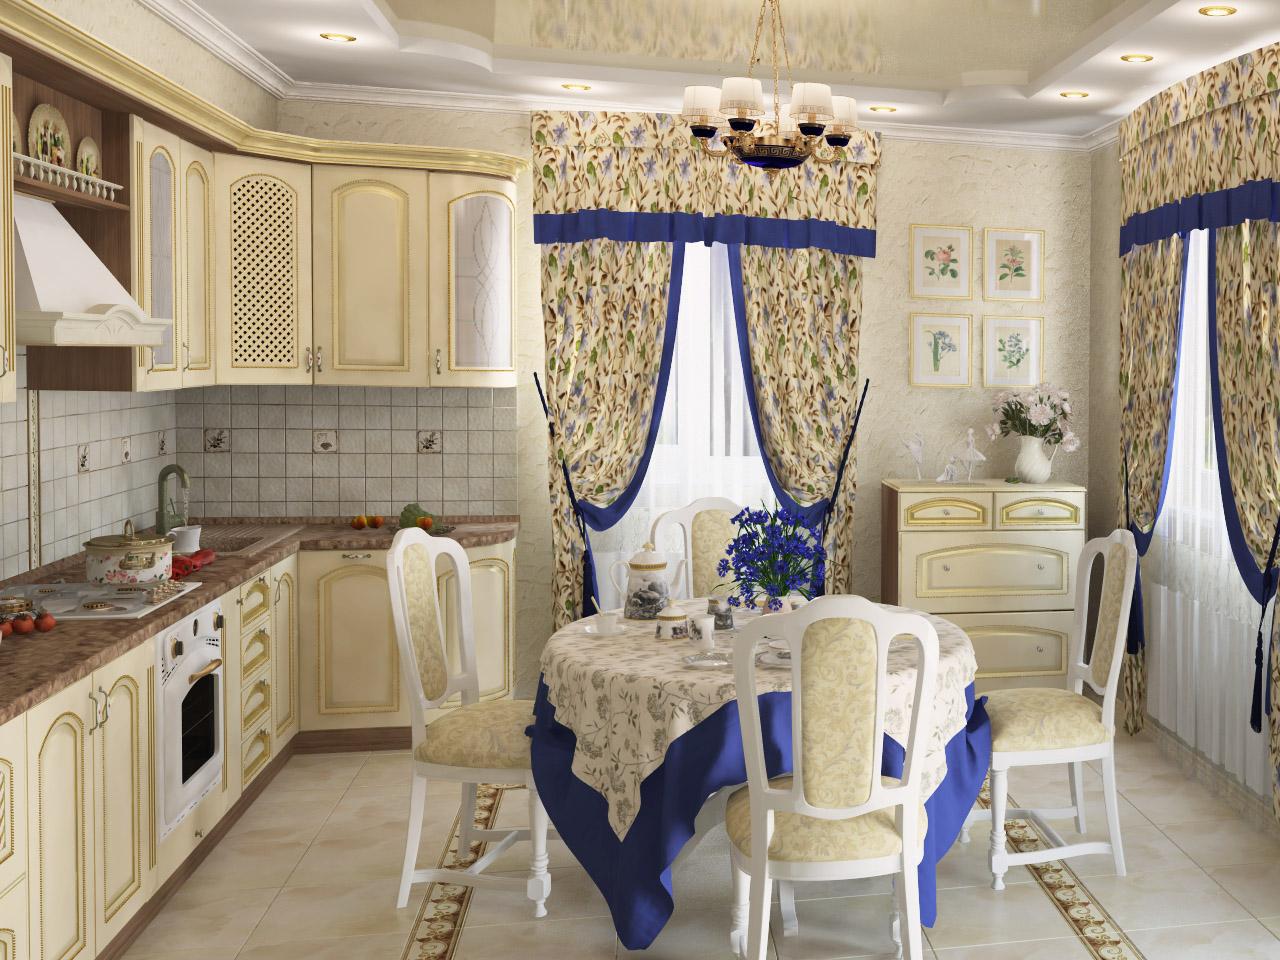 Стиль прованс подразумевает использование на кухне элементов декора из текстиля.